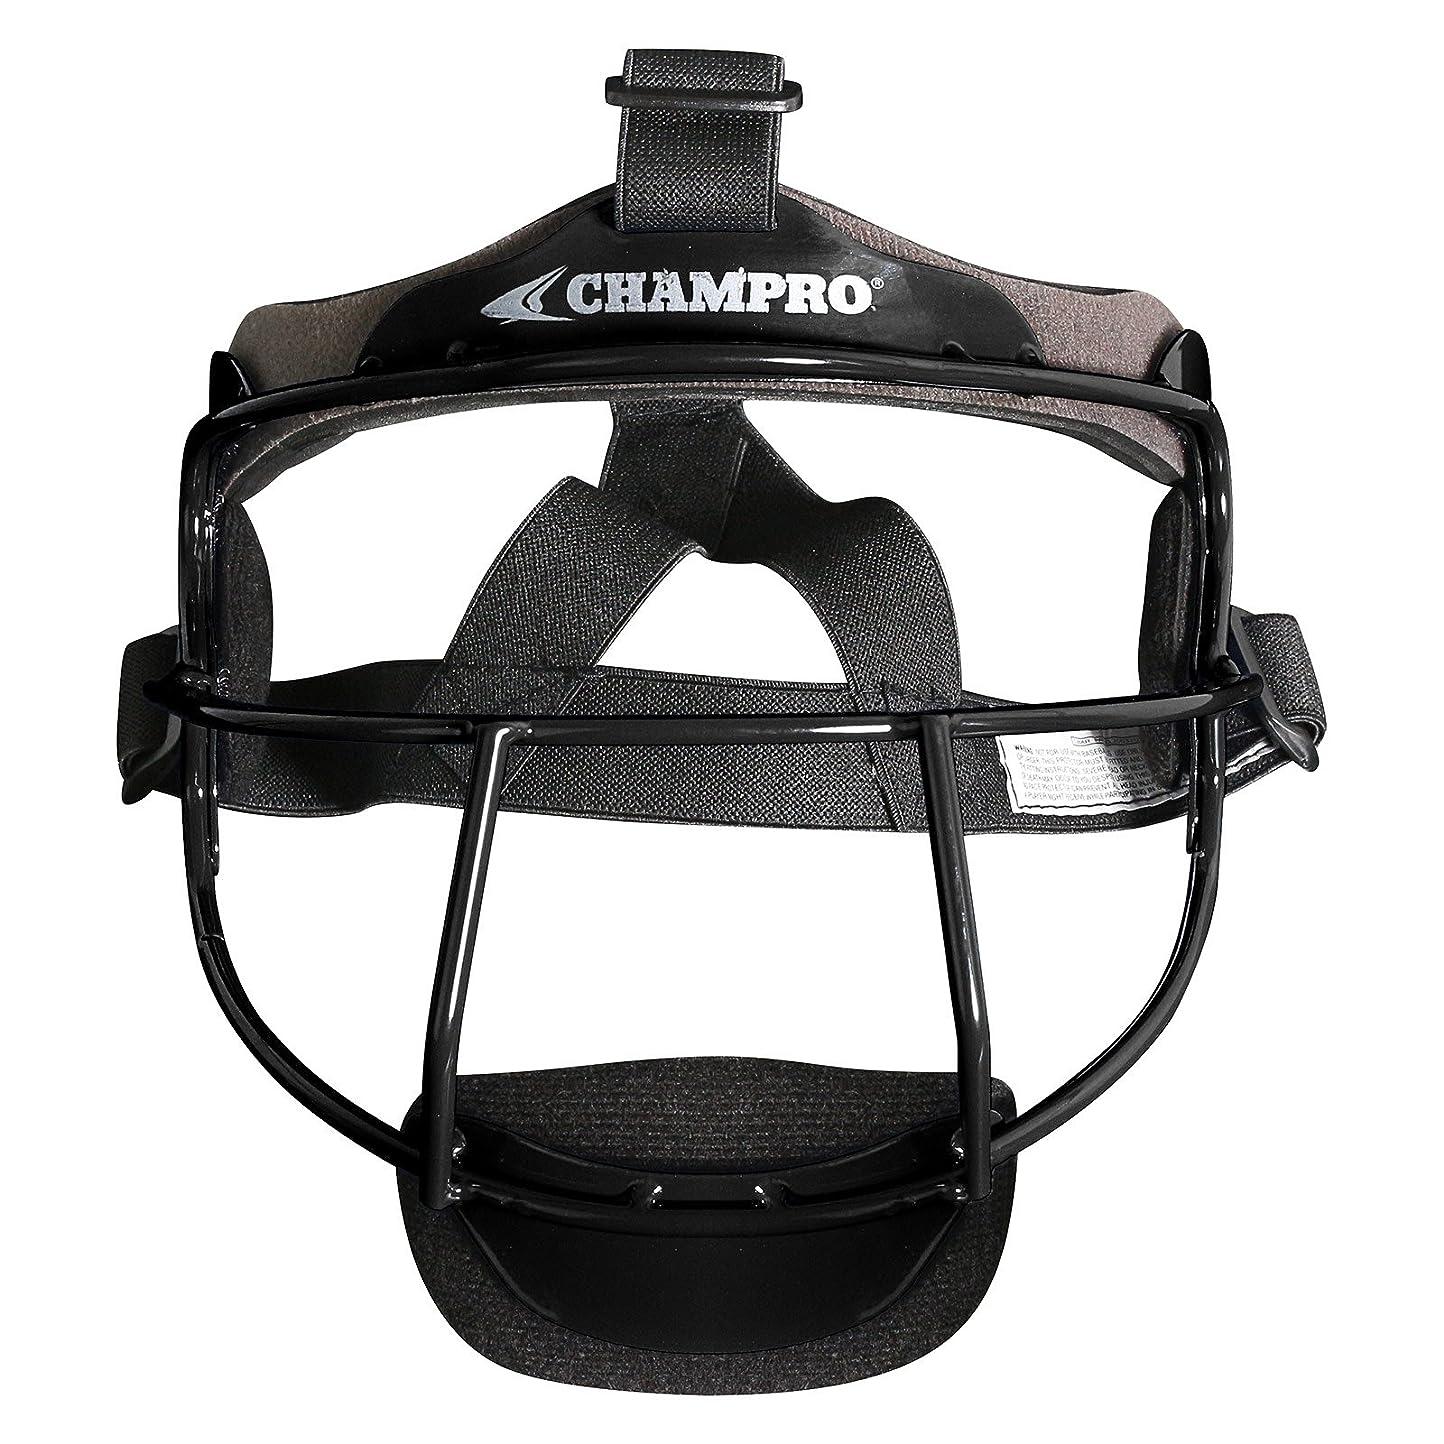 市長バンラオス人(チャンプロ) Champro Grillシリーズ 野手用 保護フェイスマスク